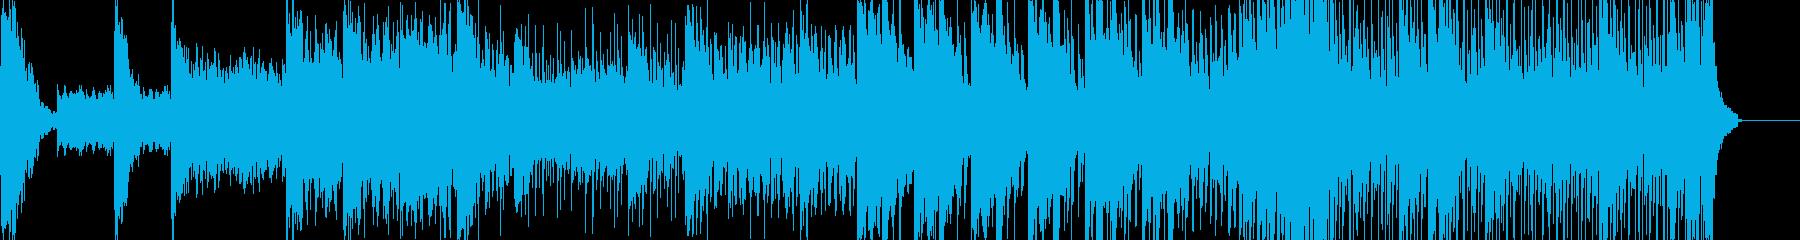 科学実験や近未来をイメージしたサウンドの再生済みの波形